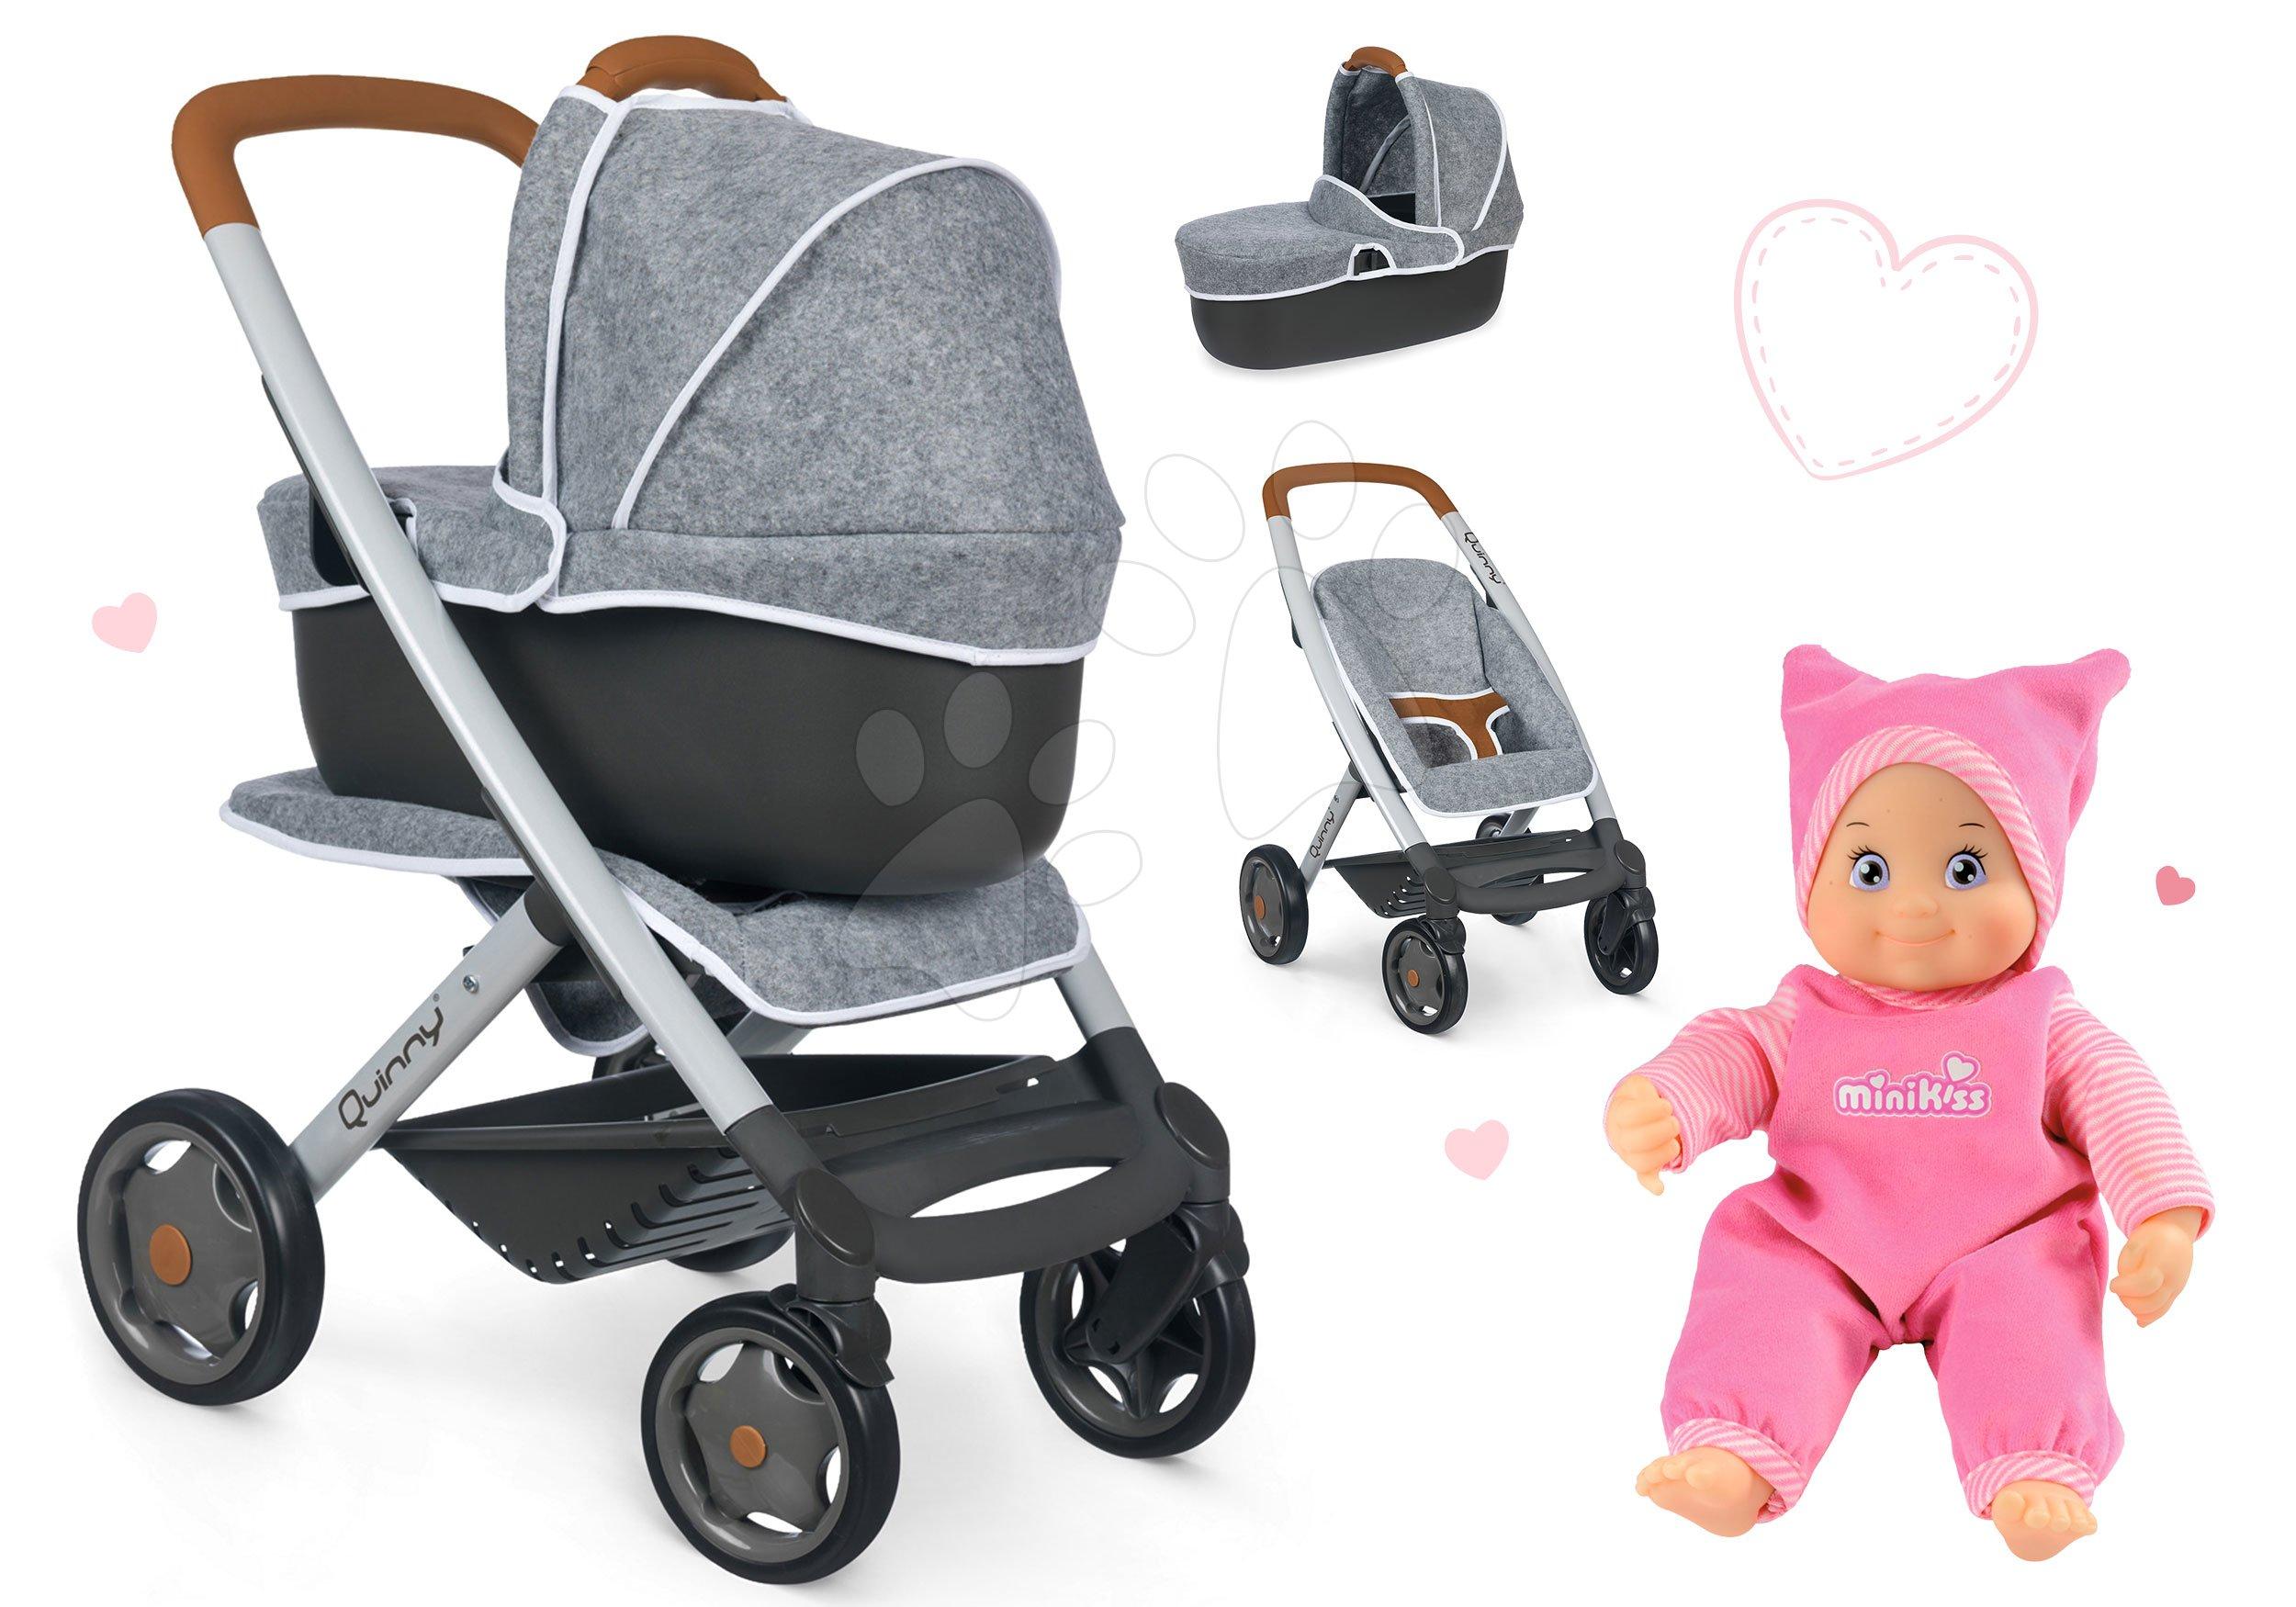 Set cărucior adânc și sportiv DeLuxe Pastel Maxi Cosi&Quinny Grey 3în1 Smoby și păpușa Minikiss cu sunete